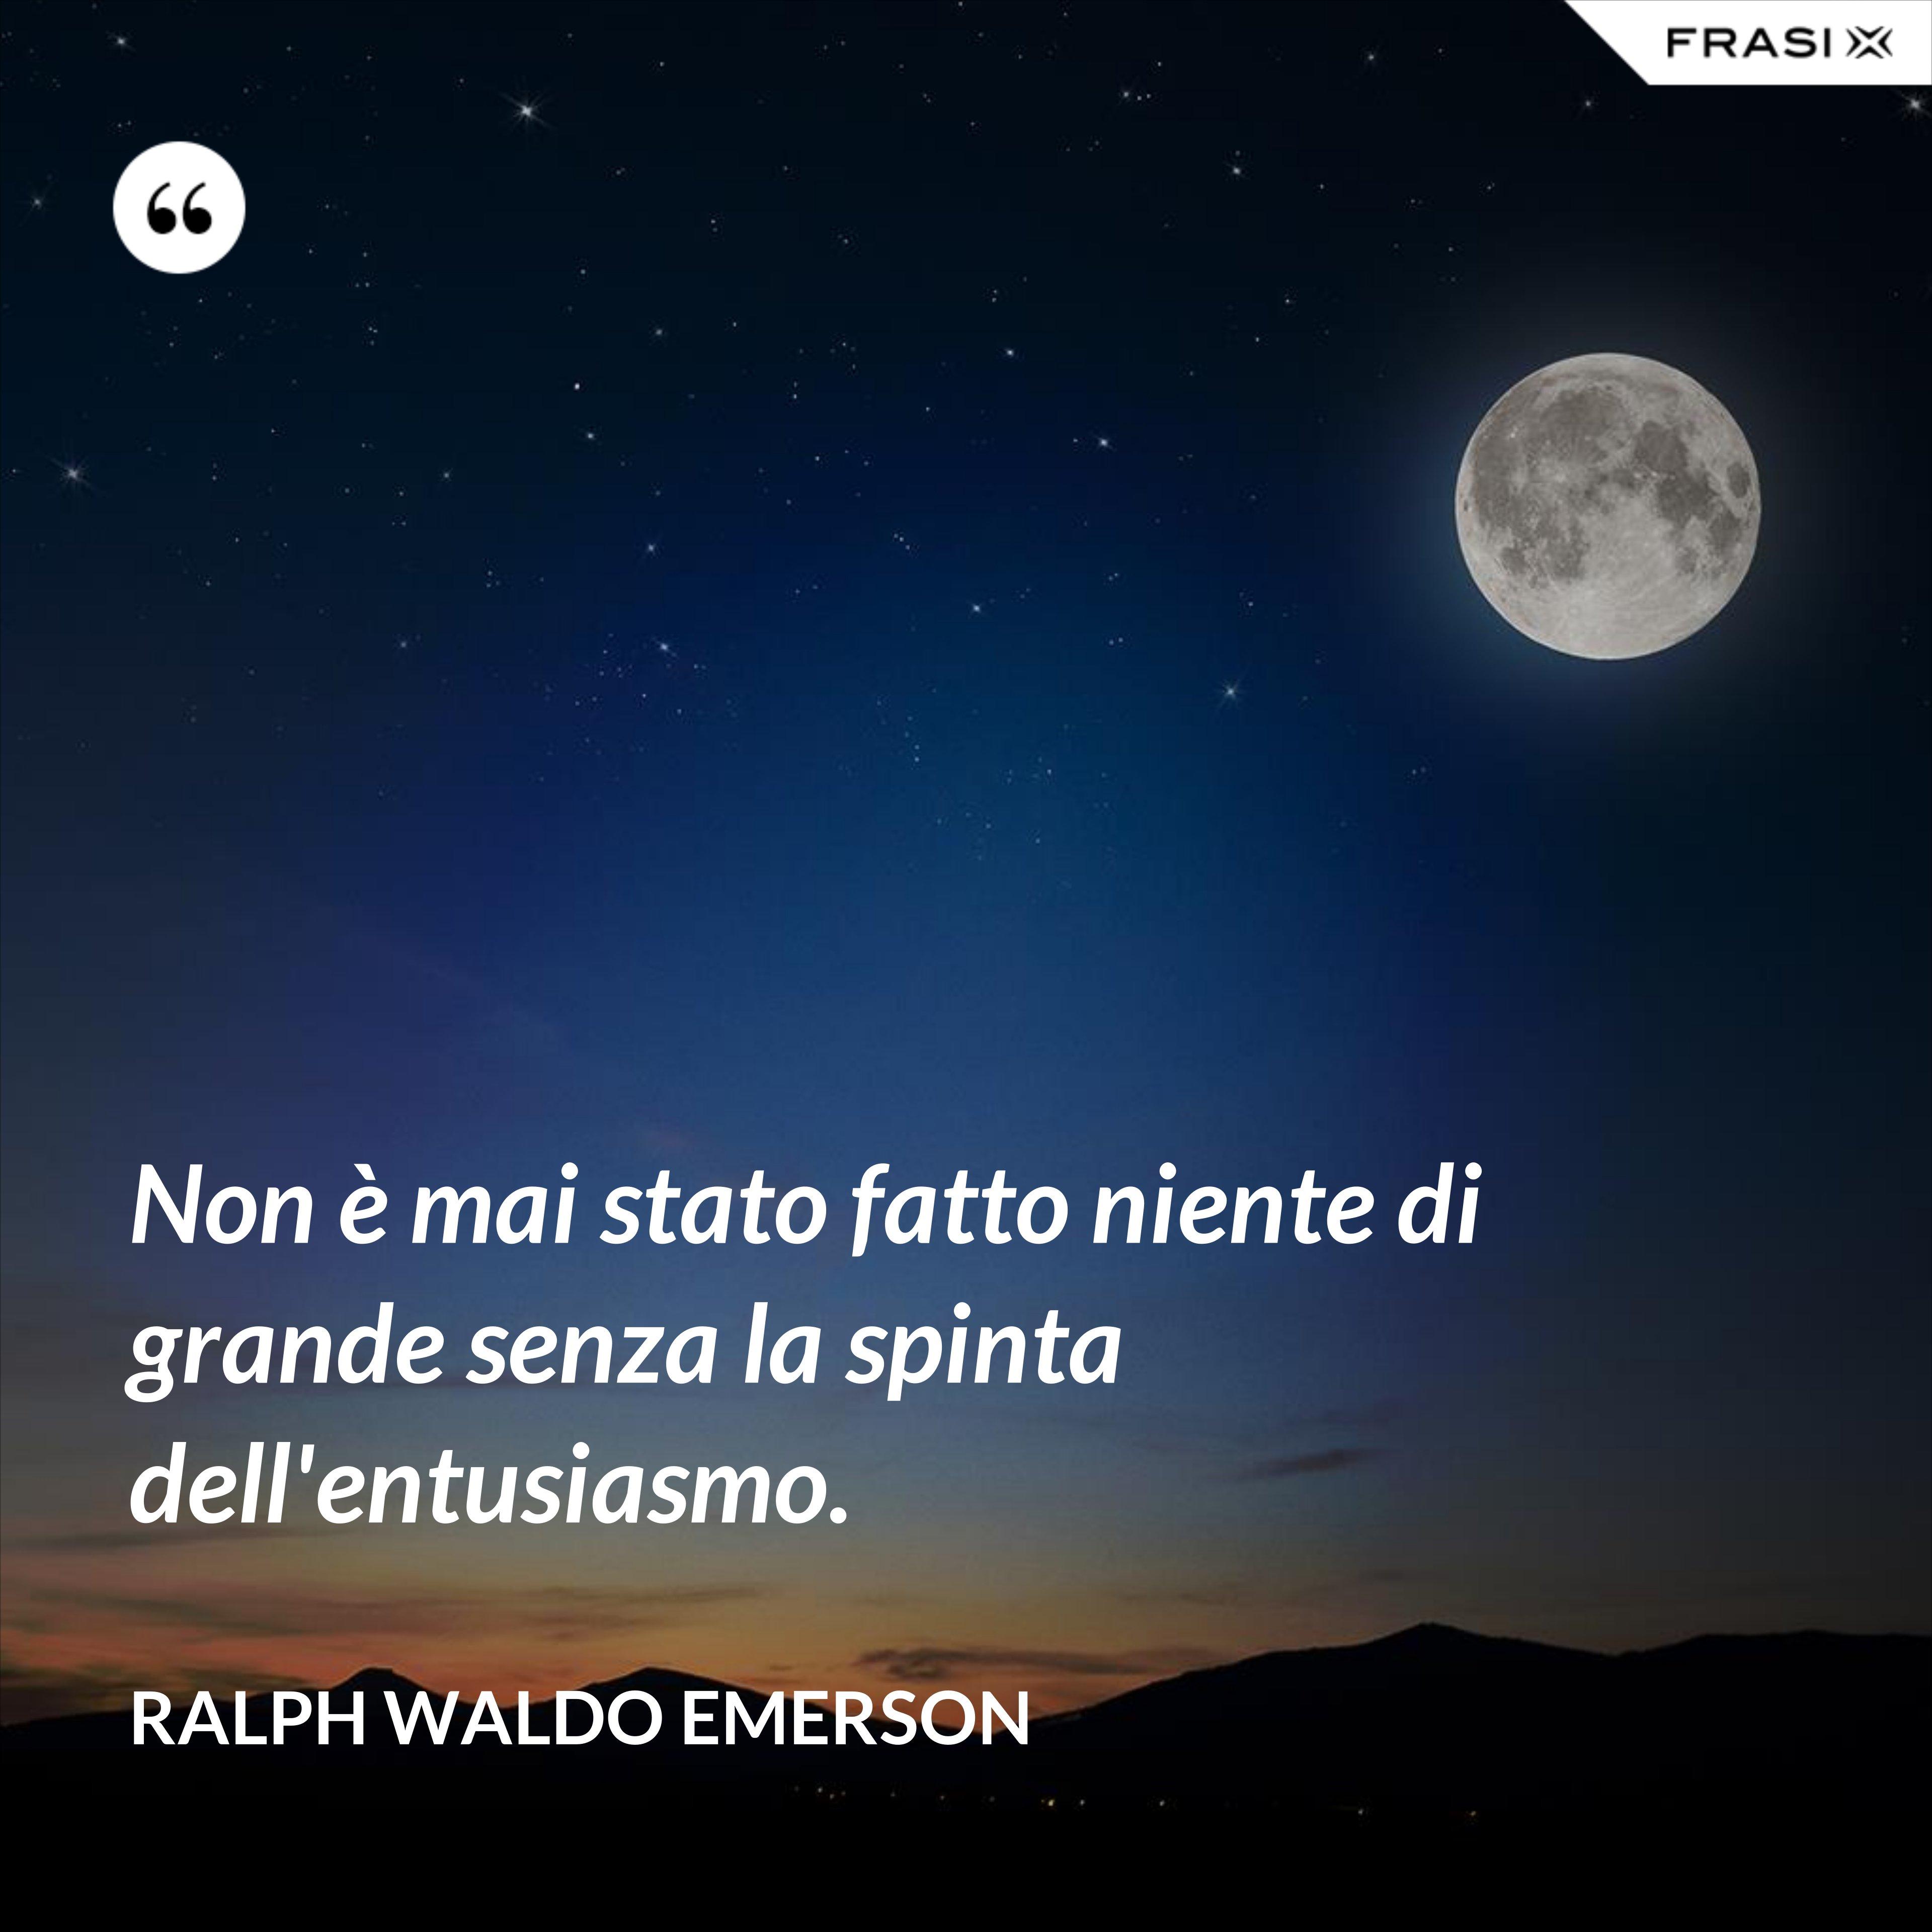 Non è mai stato fatto niente di grande senza la spinta dell'entusiasmo. - Ralph Waldo Emerson